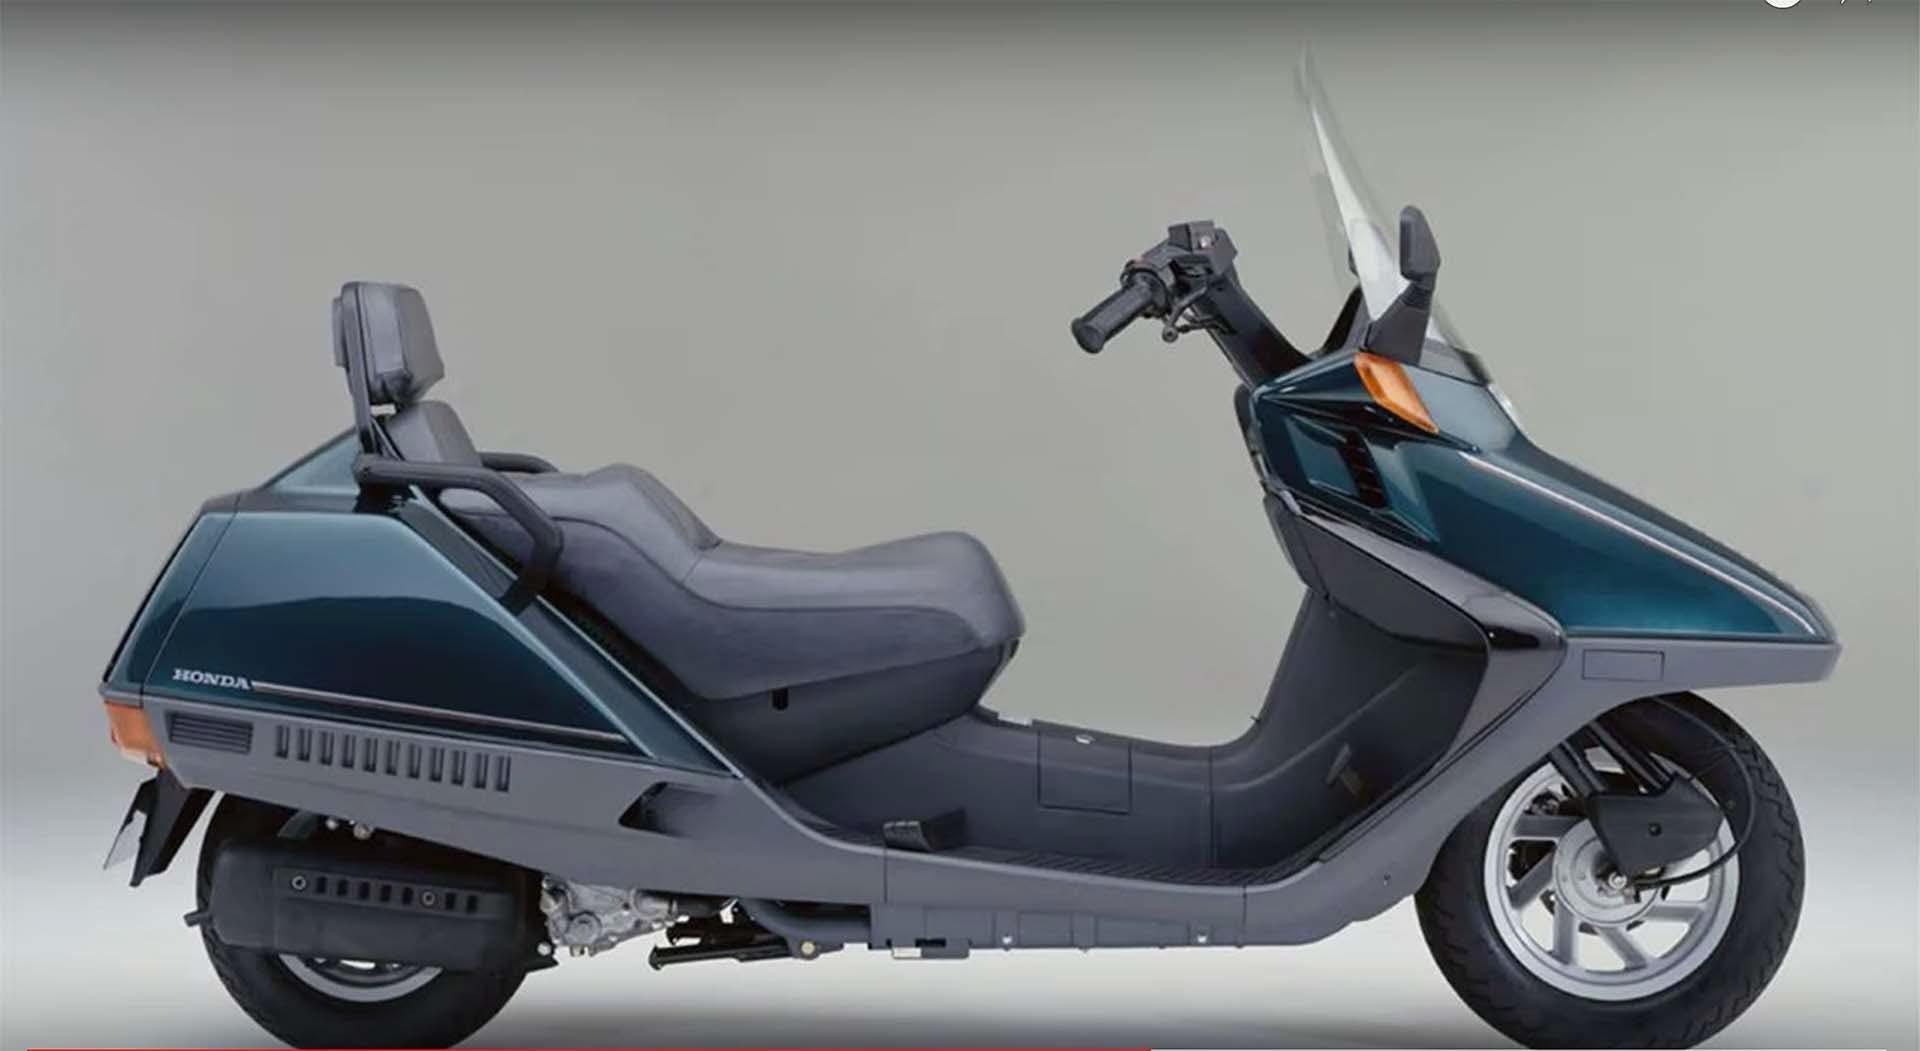 Honda CN 250 Spazio migliore maxi scooter